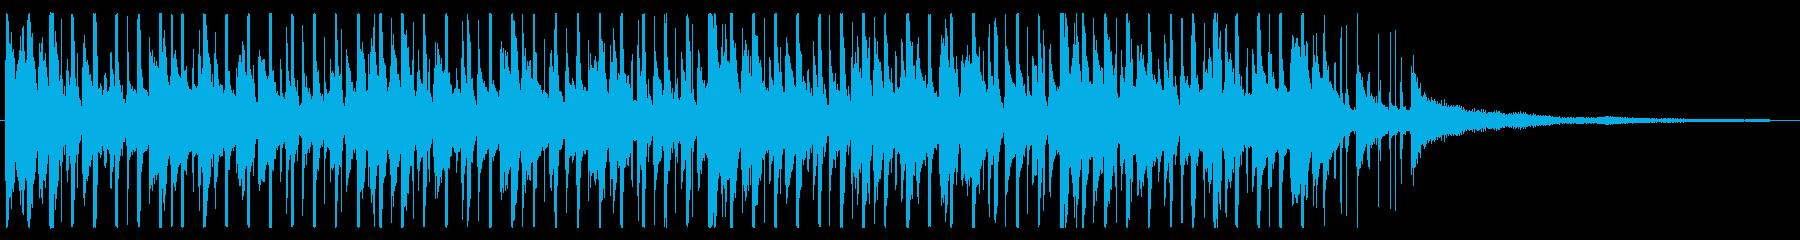 【ショート版】企業VP・CM 軽快の再生済みの波形